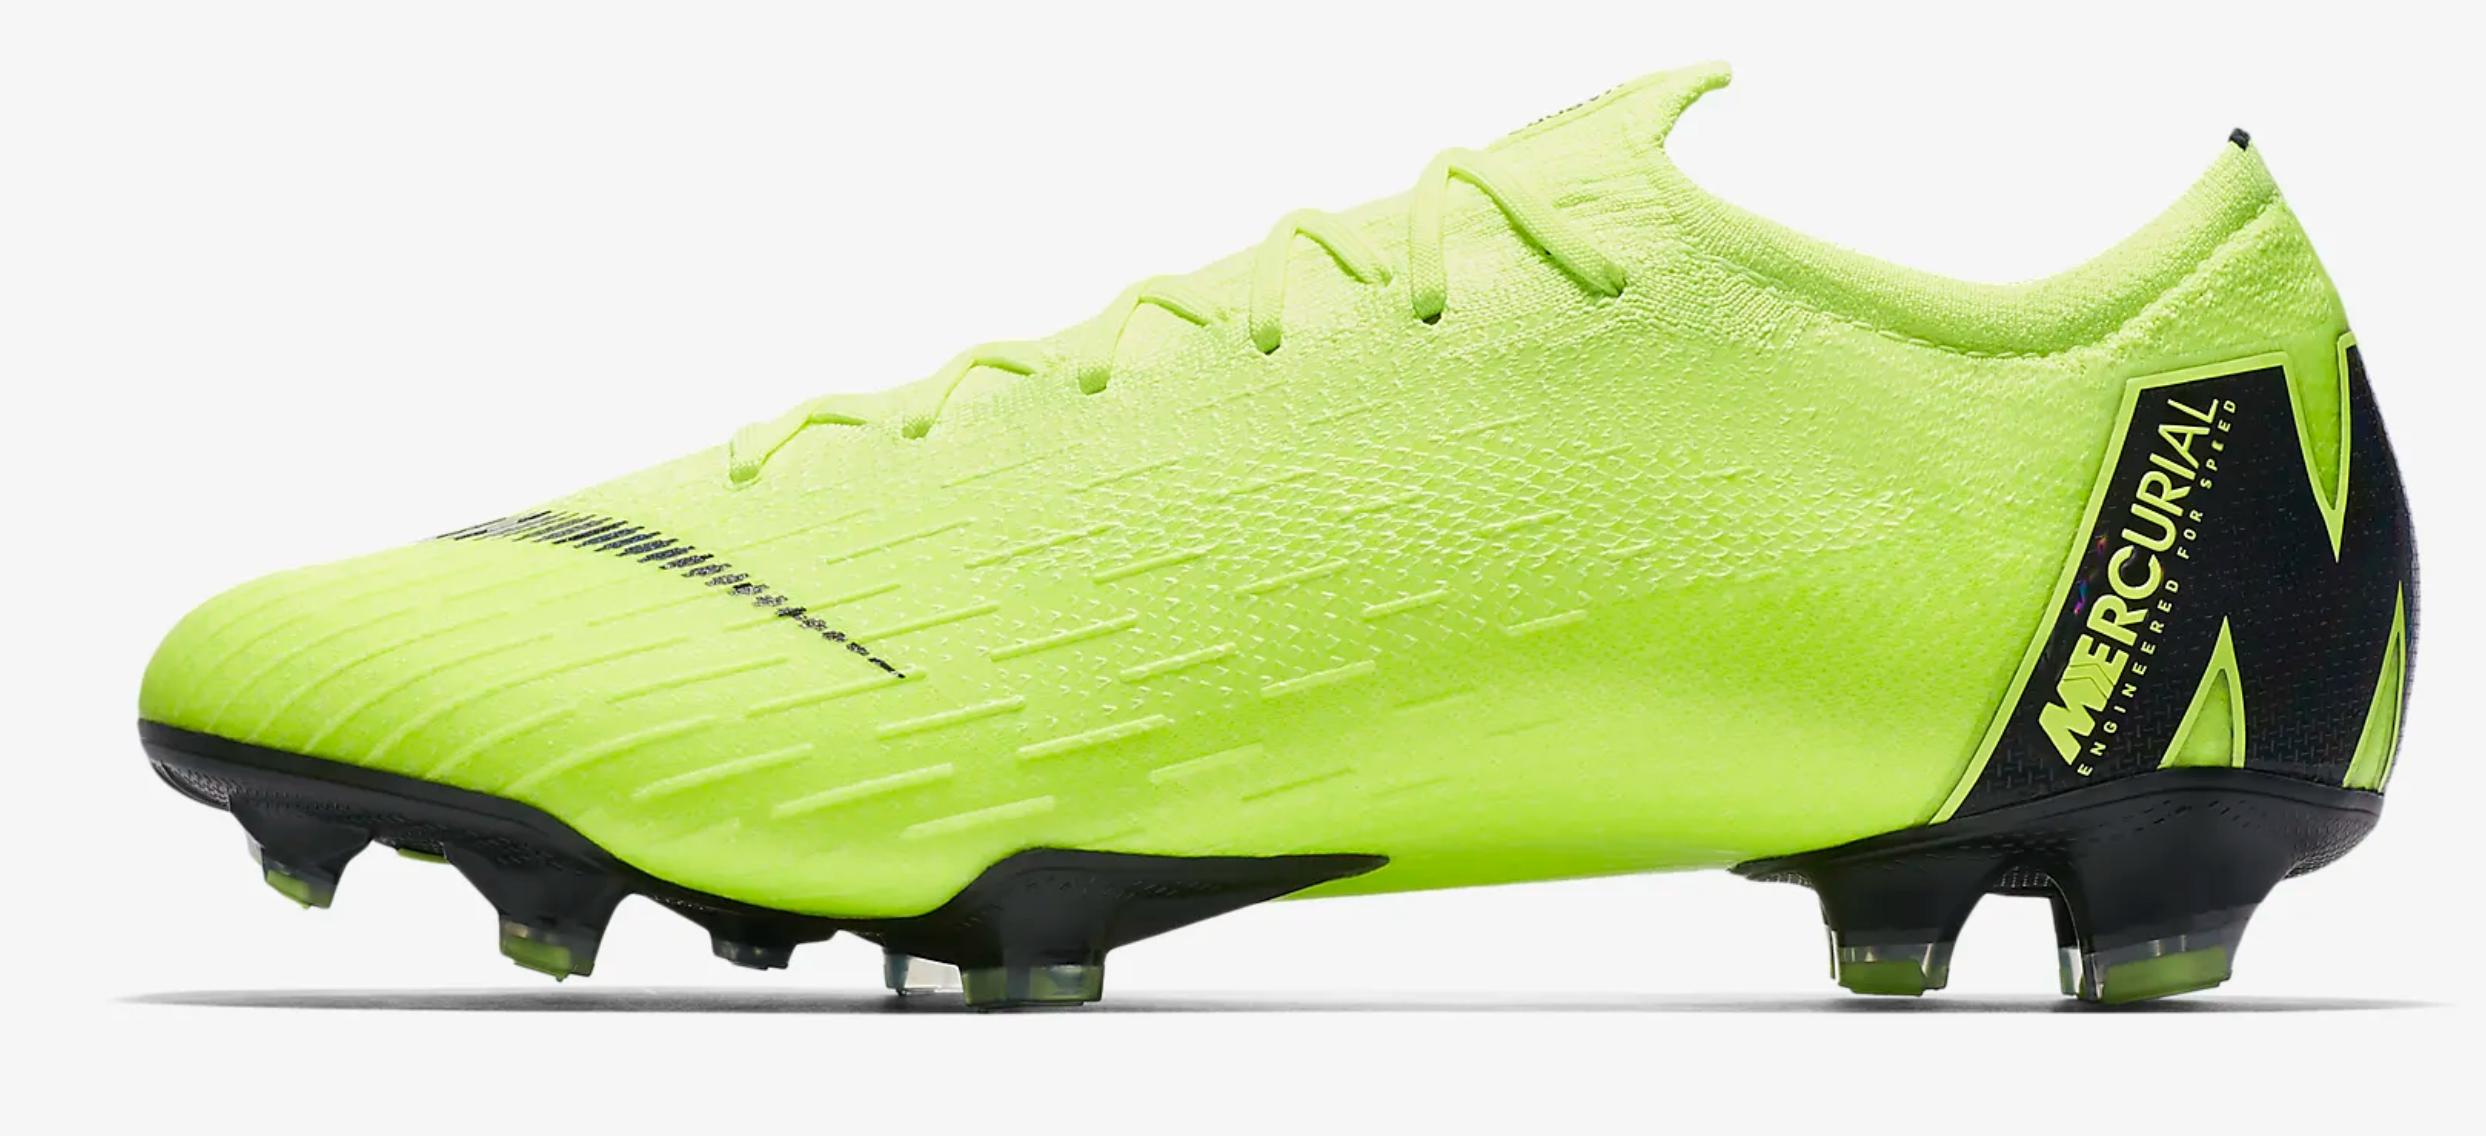 Nike Vapor XII Elite portées par Neymar